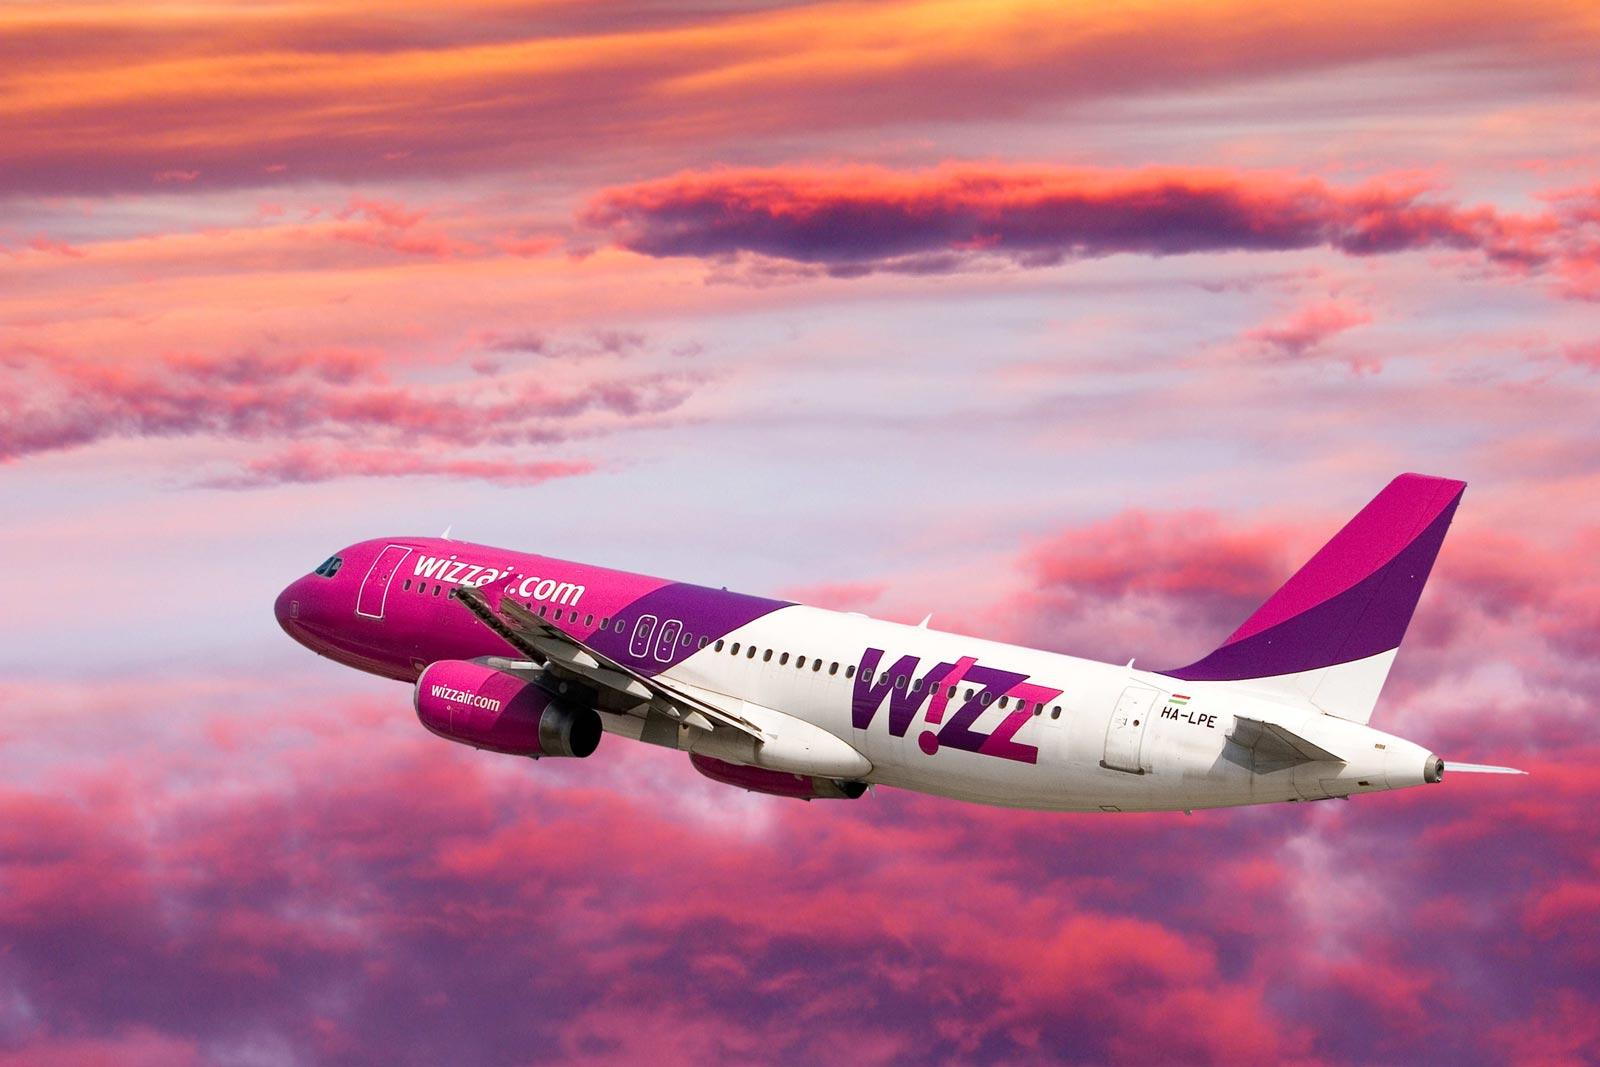 Reducere 20% la Wizz Air